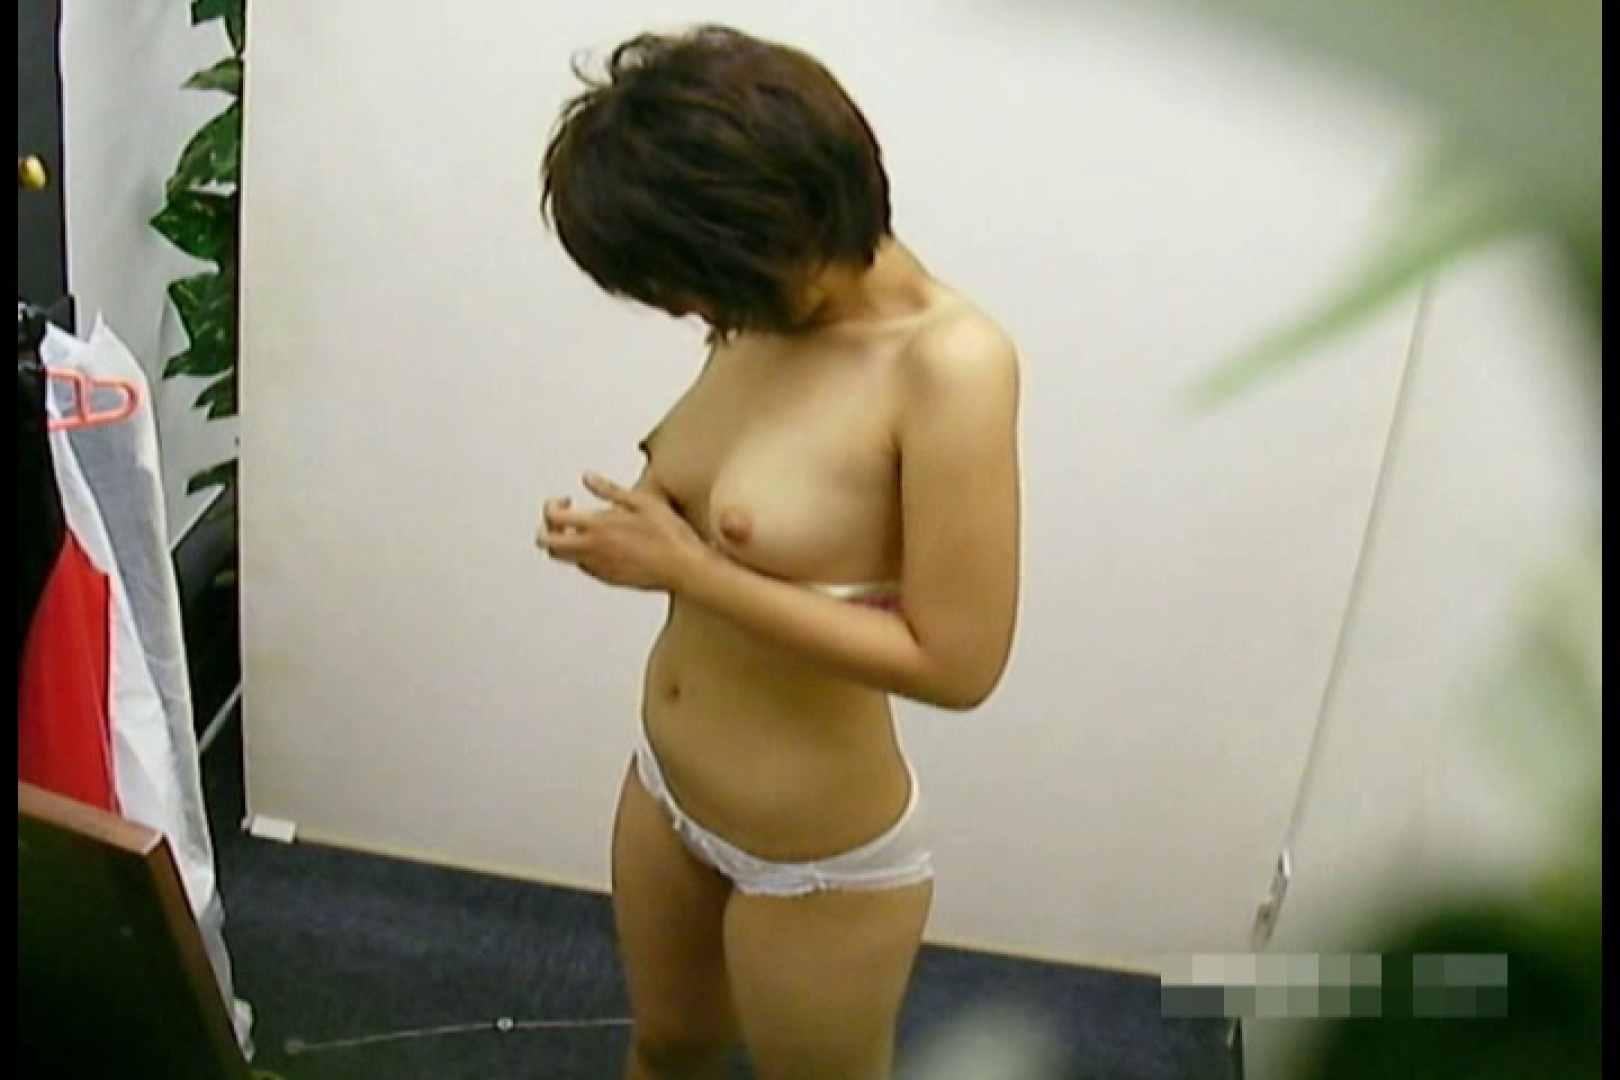 素人撮影 下着だけの撮影のはずが・・・エミちゃん18歳 おっぱい特集 盗み撮り動画 95pic 59